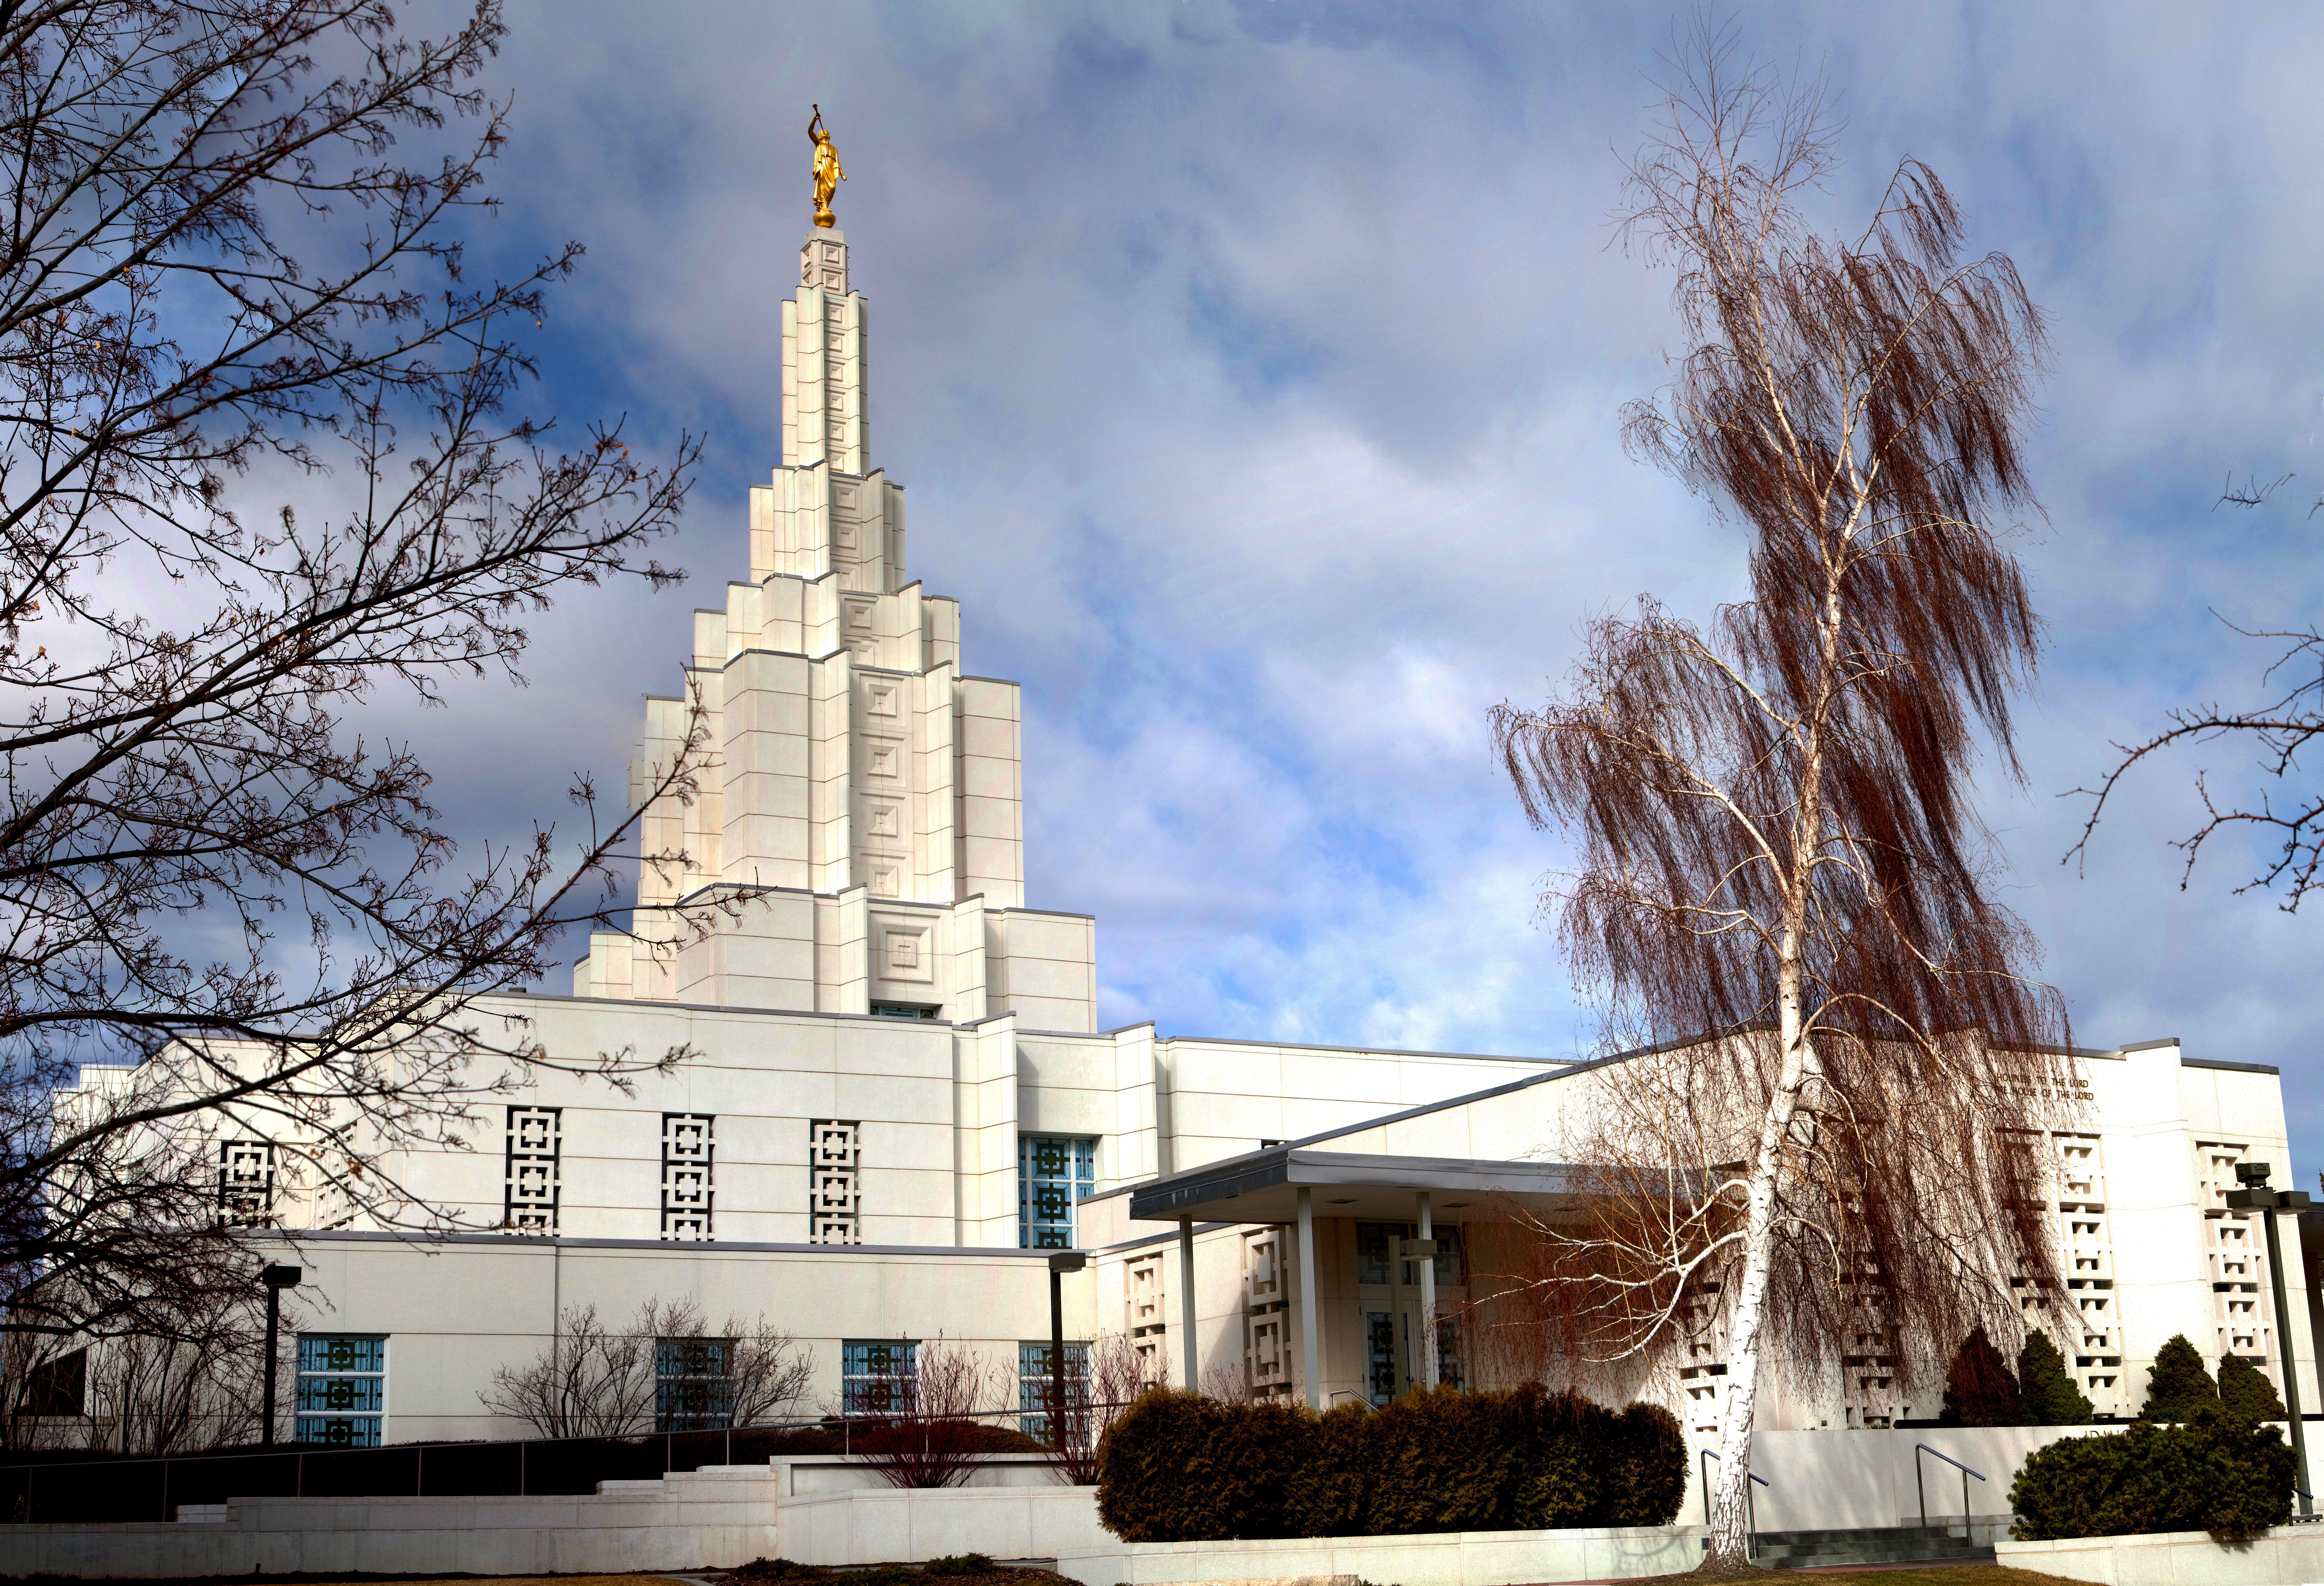 Entrance to the Idaho Falls Idaho Temple.